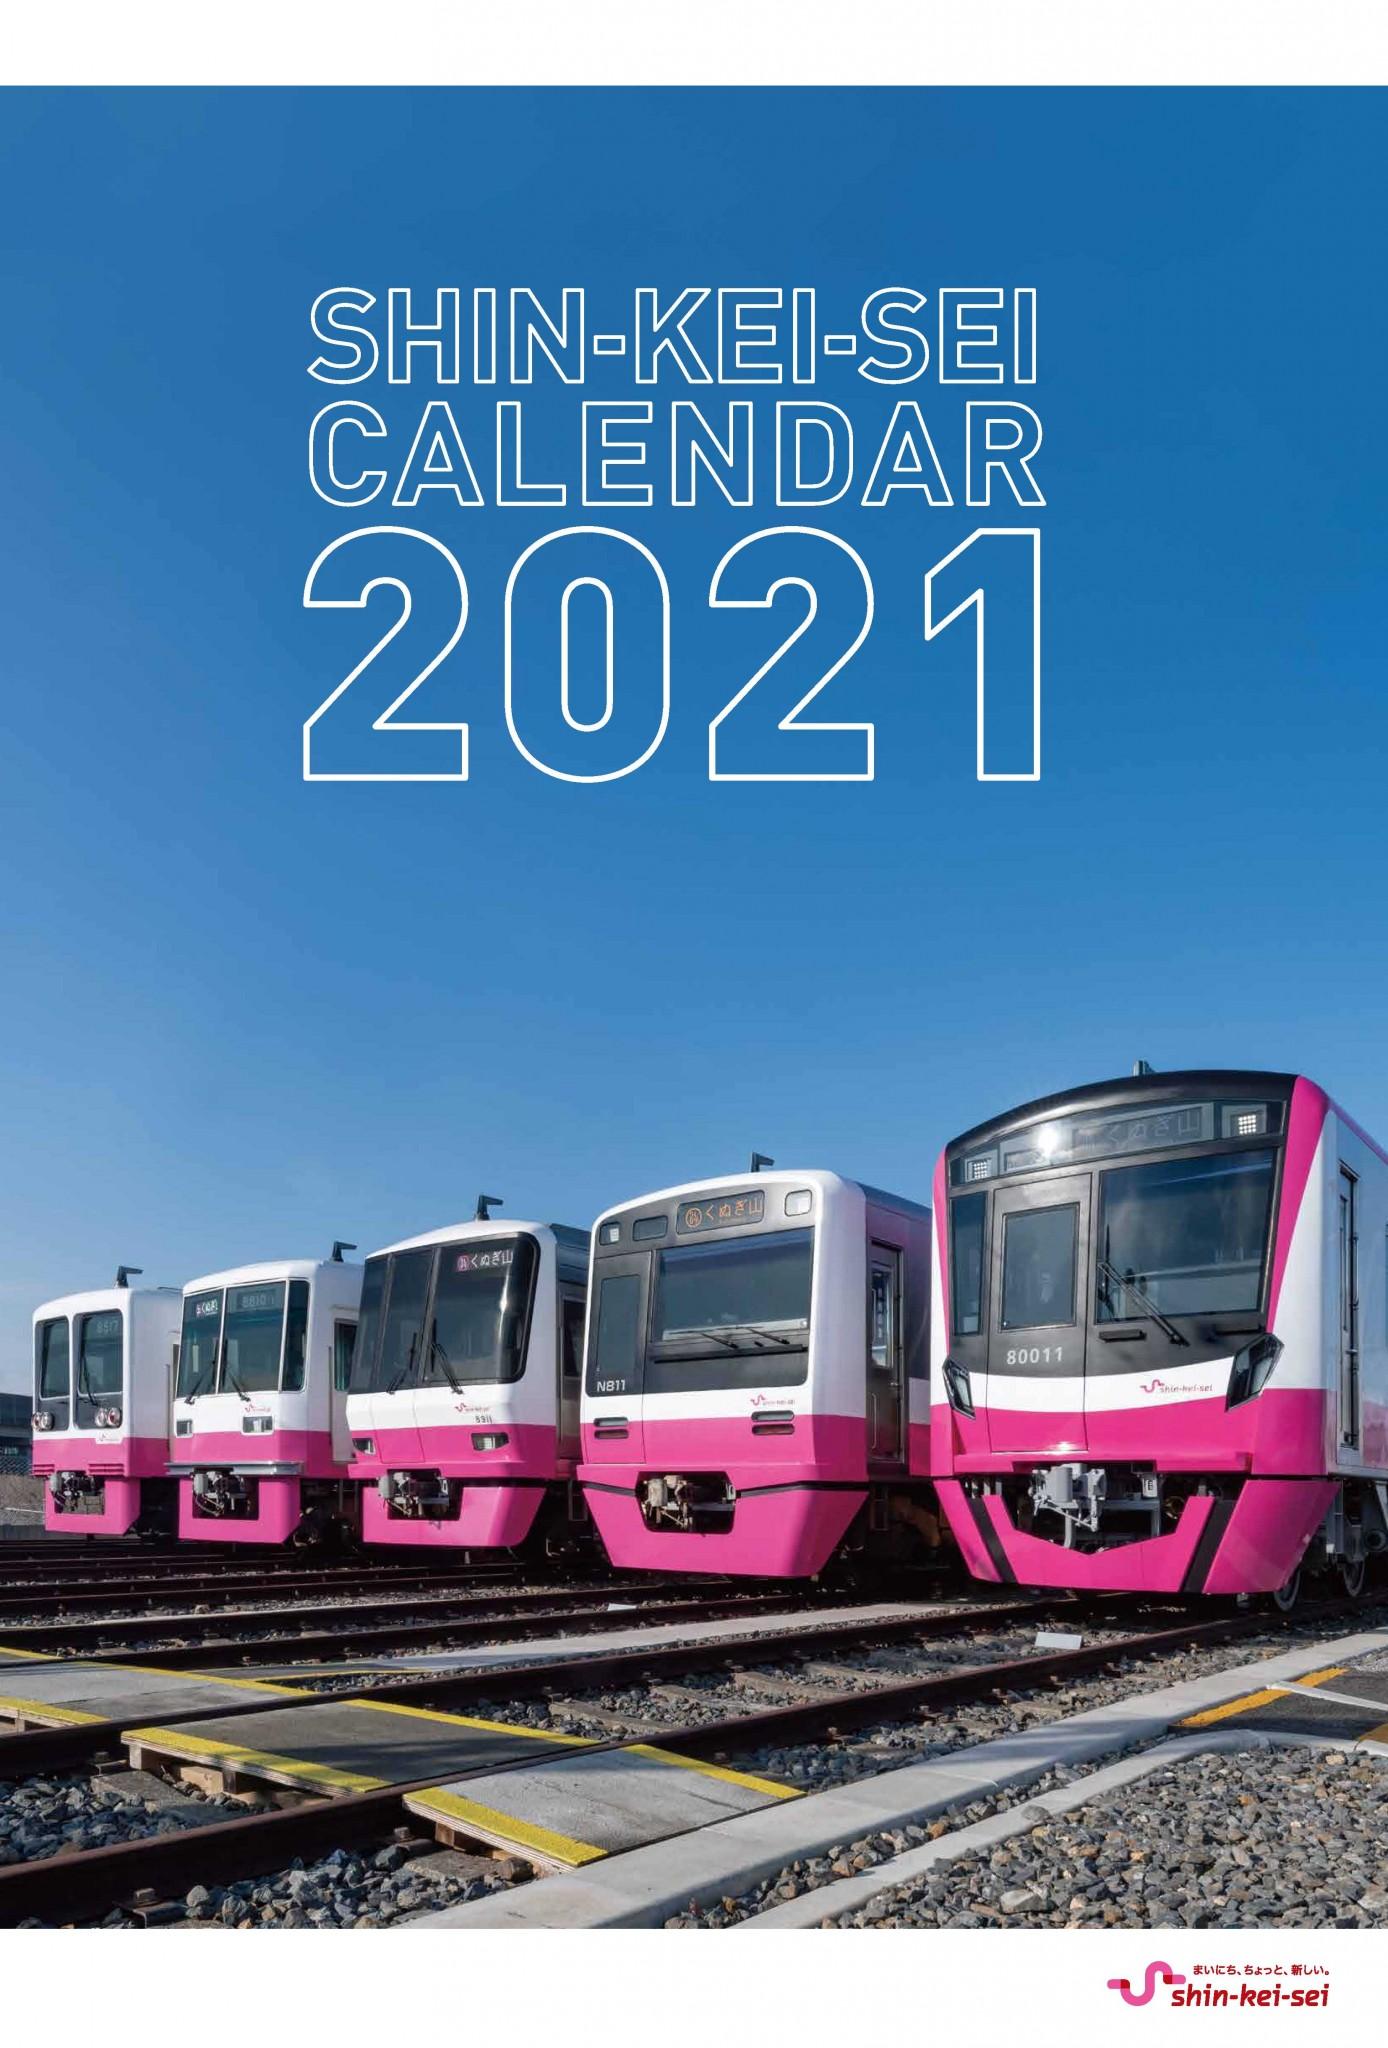 新京成カレンダー2021」を発売(10/1) - 新京成電鉄株式会社